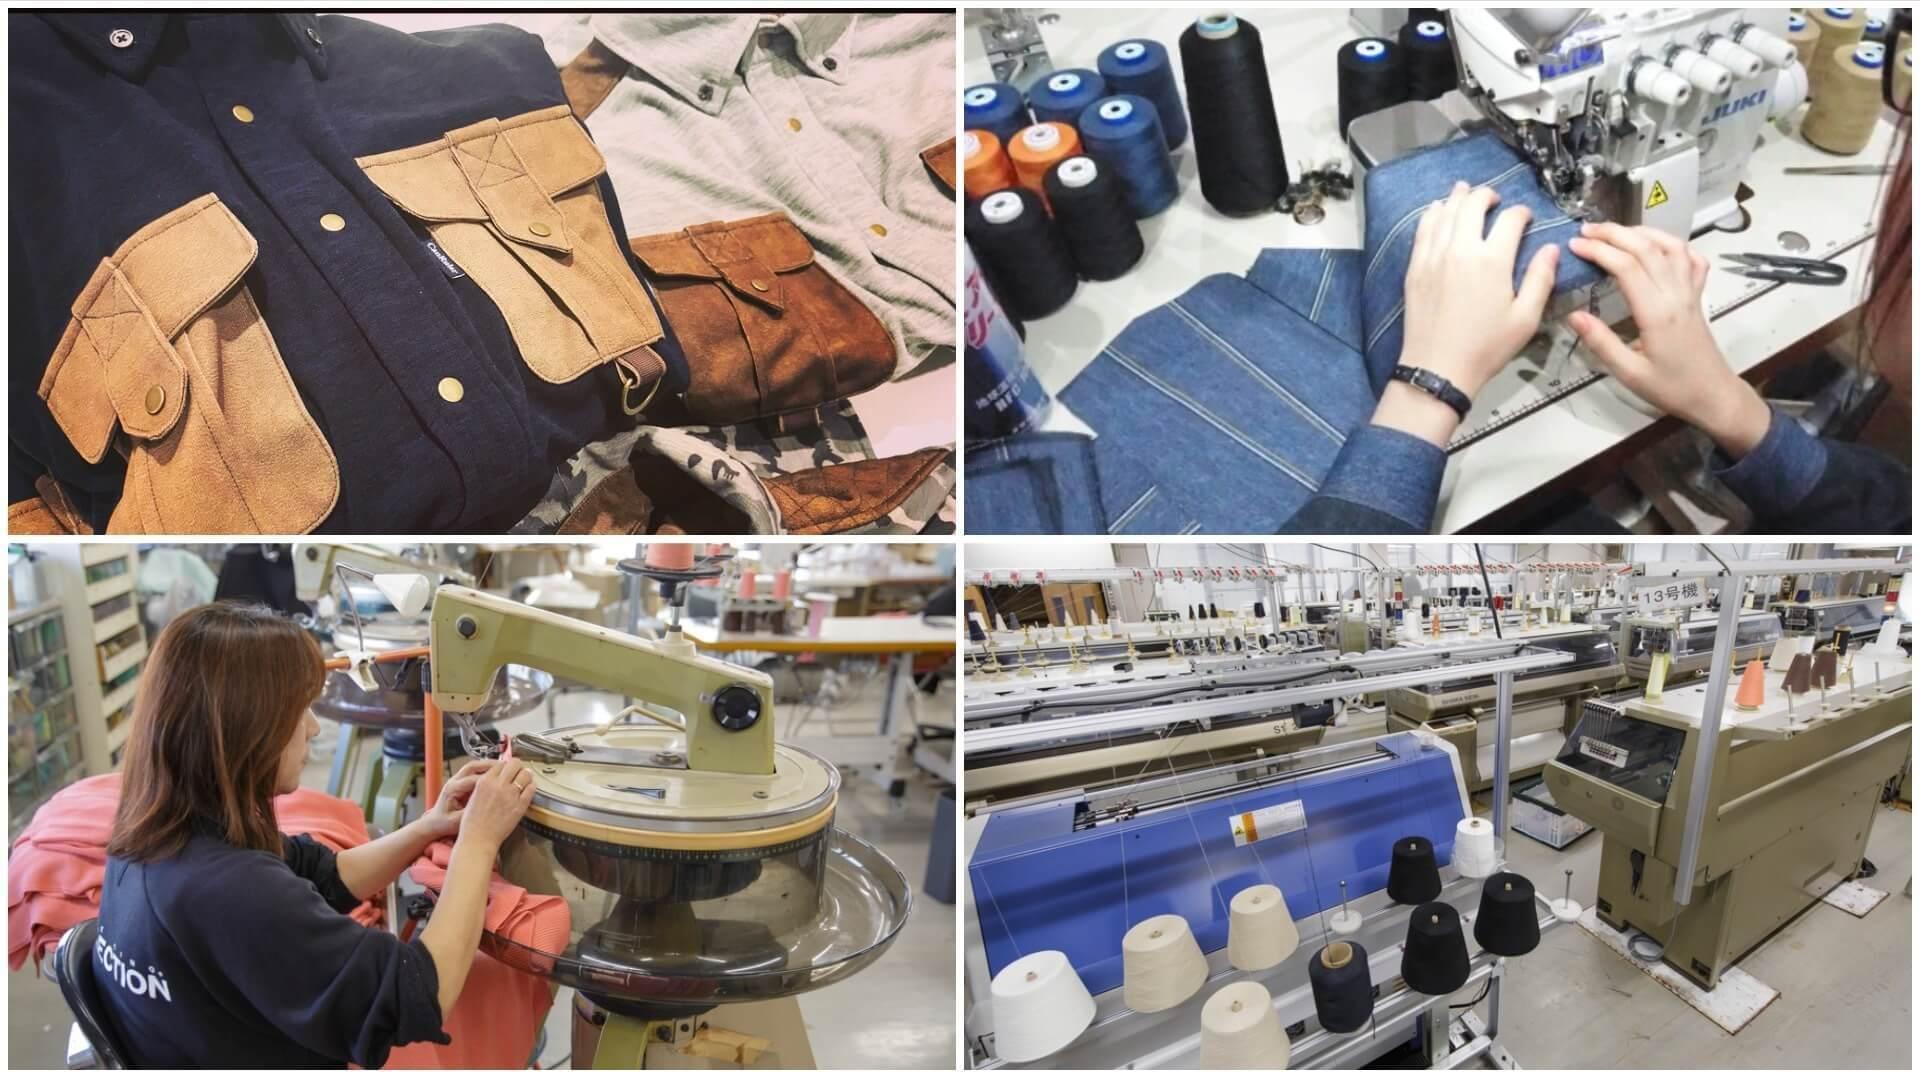 【生産】繊維・ものづくりに興味のある方歓迎!|正社員|未経験歓迎|富山・長野のカバー写真